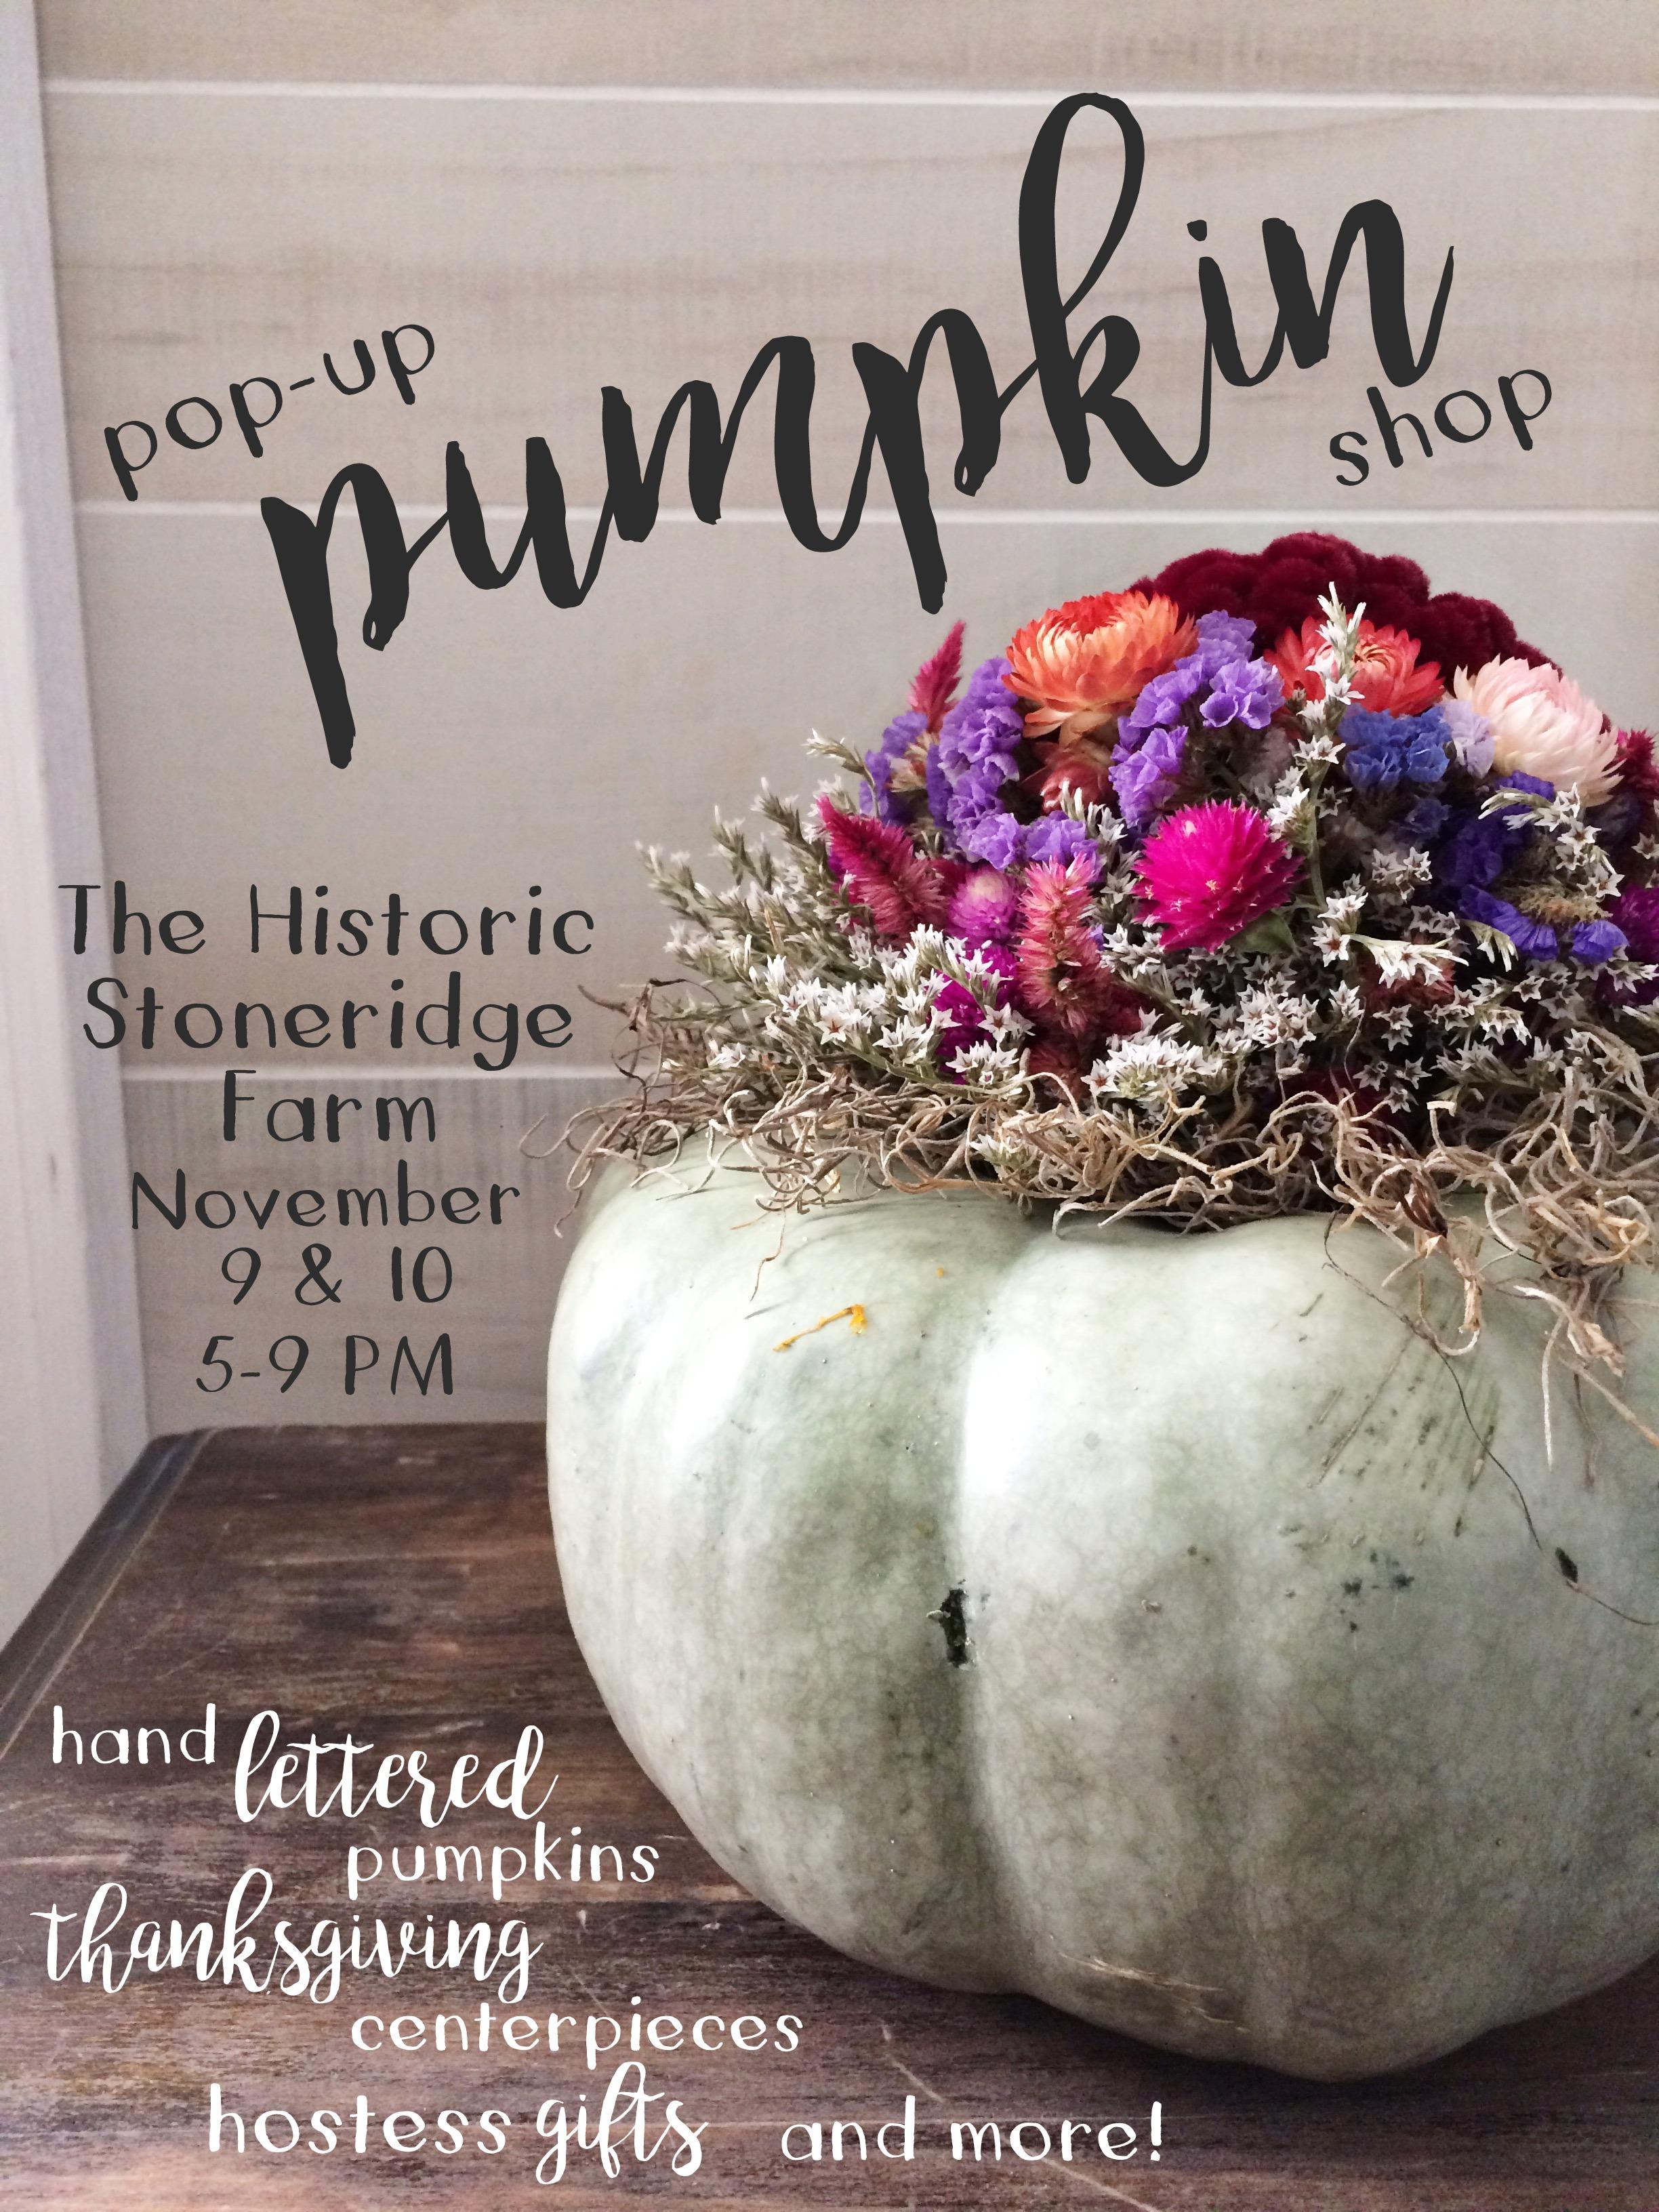 pop up pumpkin pic.JPG